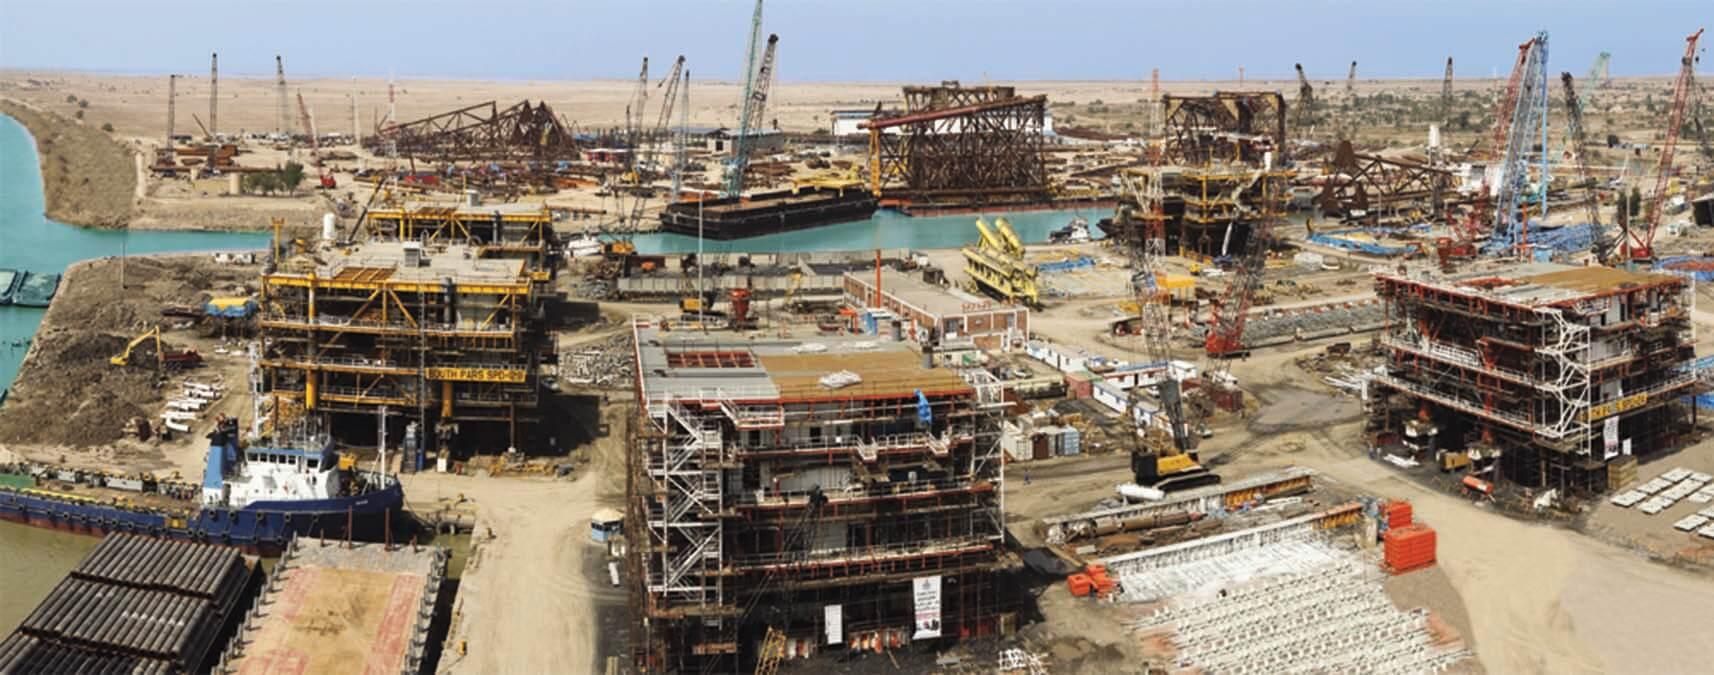 فعالیت مجدد شرکت تاسیسات دریایی خرمشهر با ظرفیت دو برابر